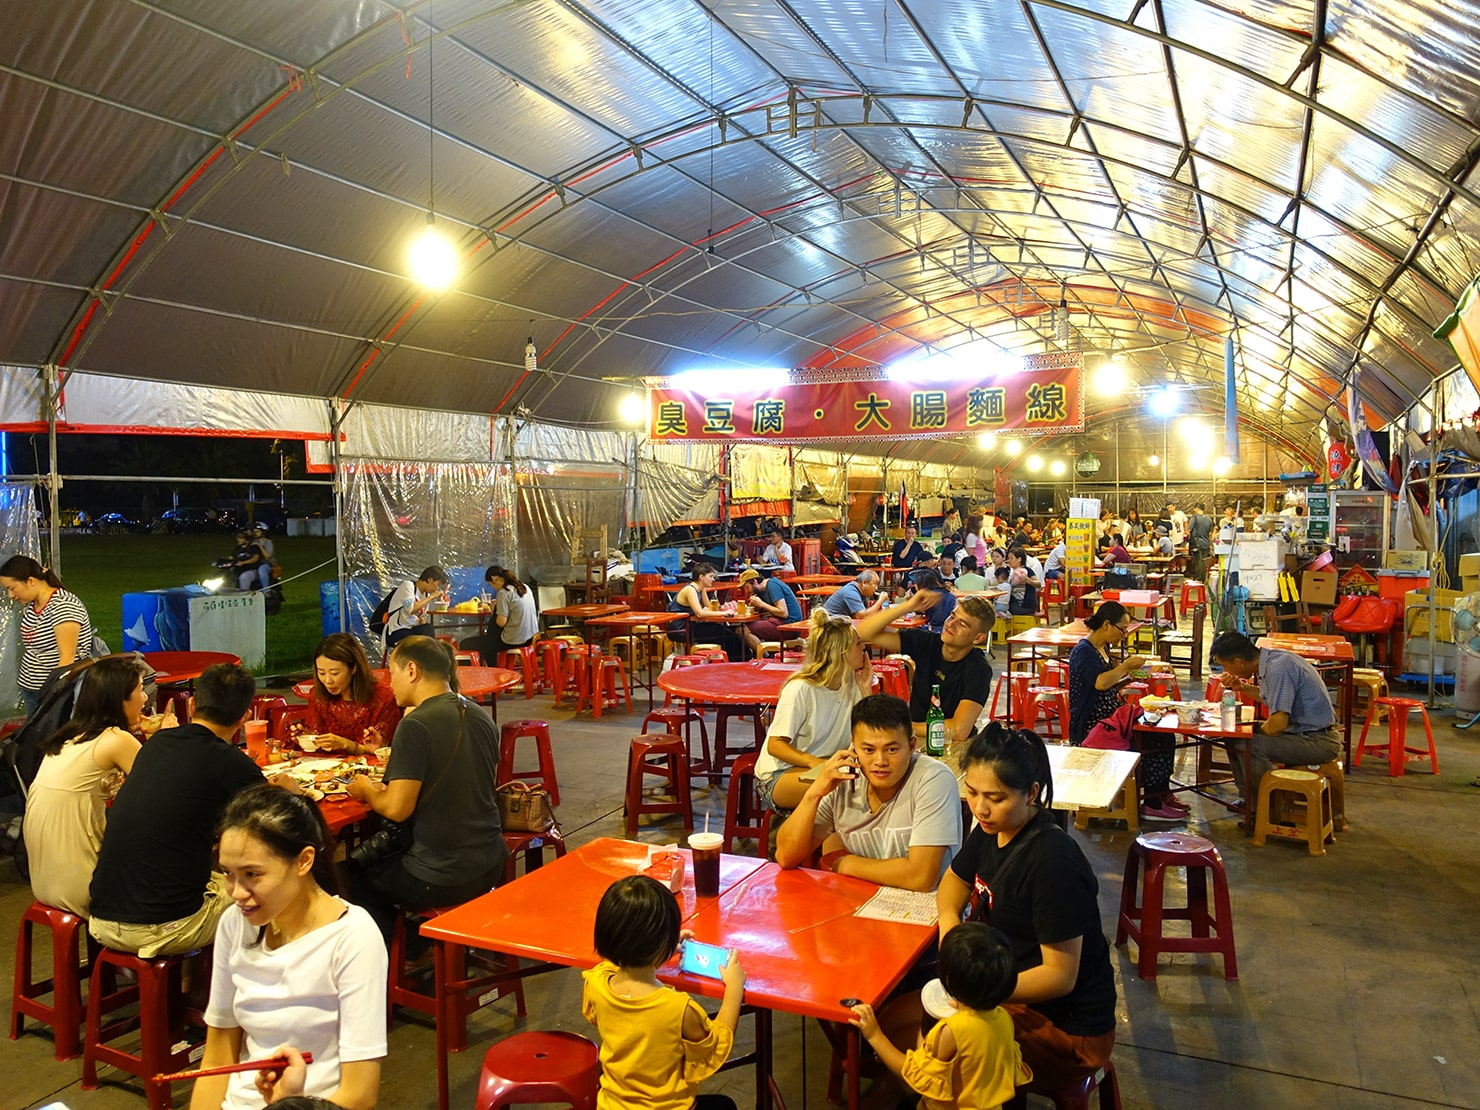 台湾・花蓮のおすすめ観光スポット「東大門夜市」の屋外テーブル